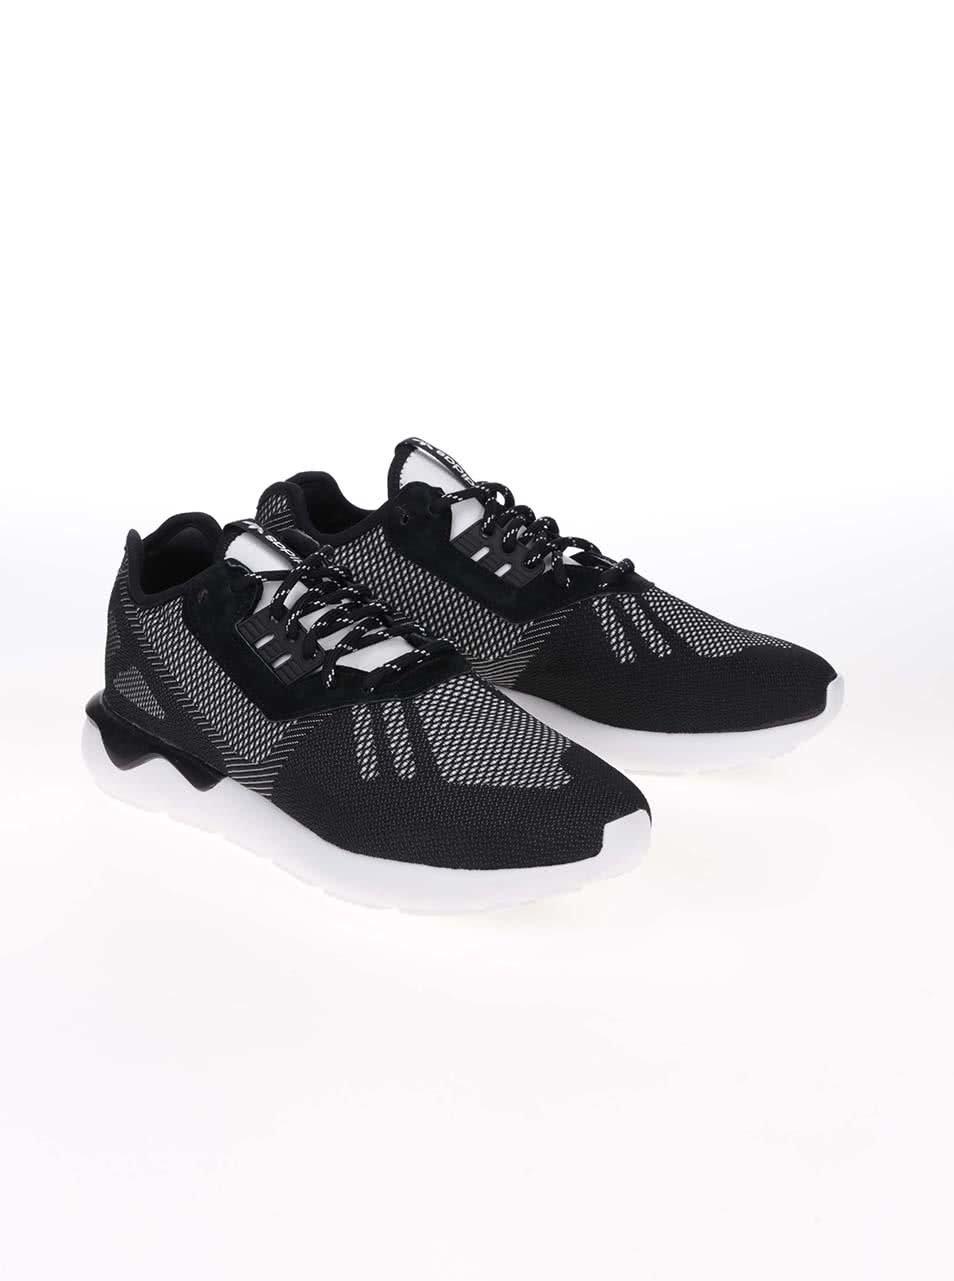 Bielo-čierne pánske tenisky adidas Originals Tubular Runner Weave ... 91618cb18b7